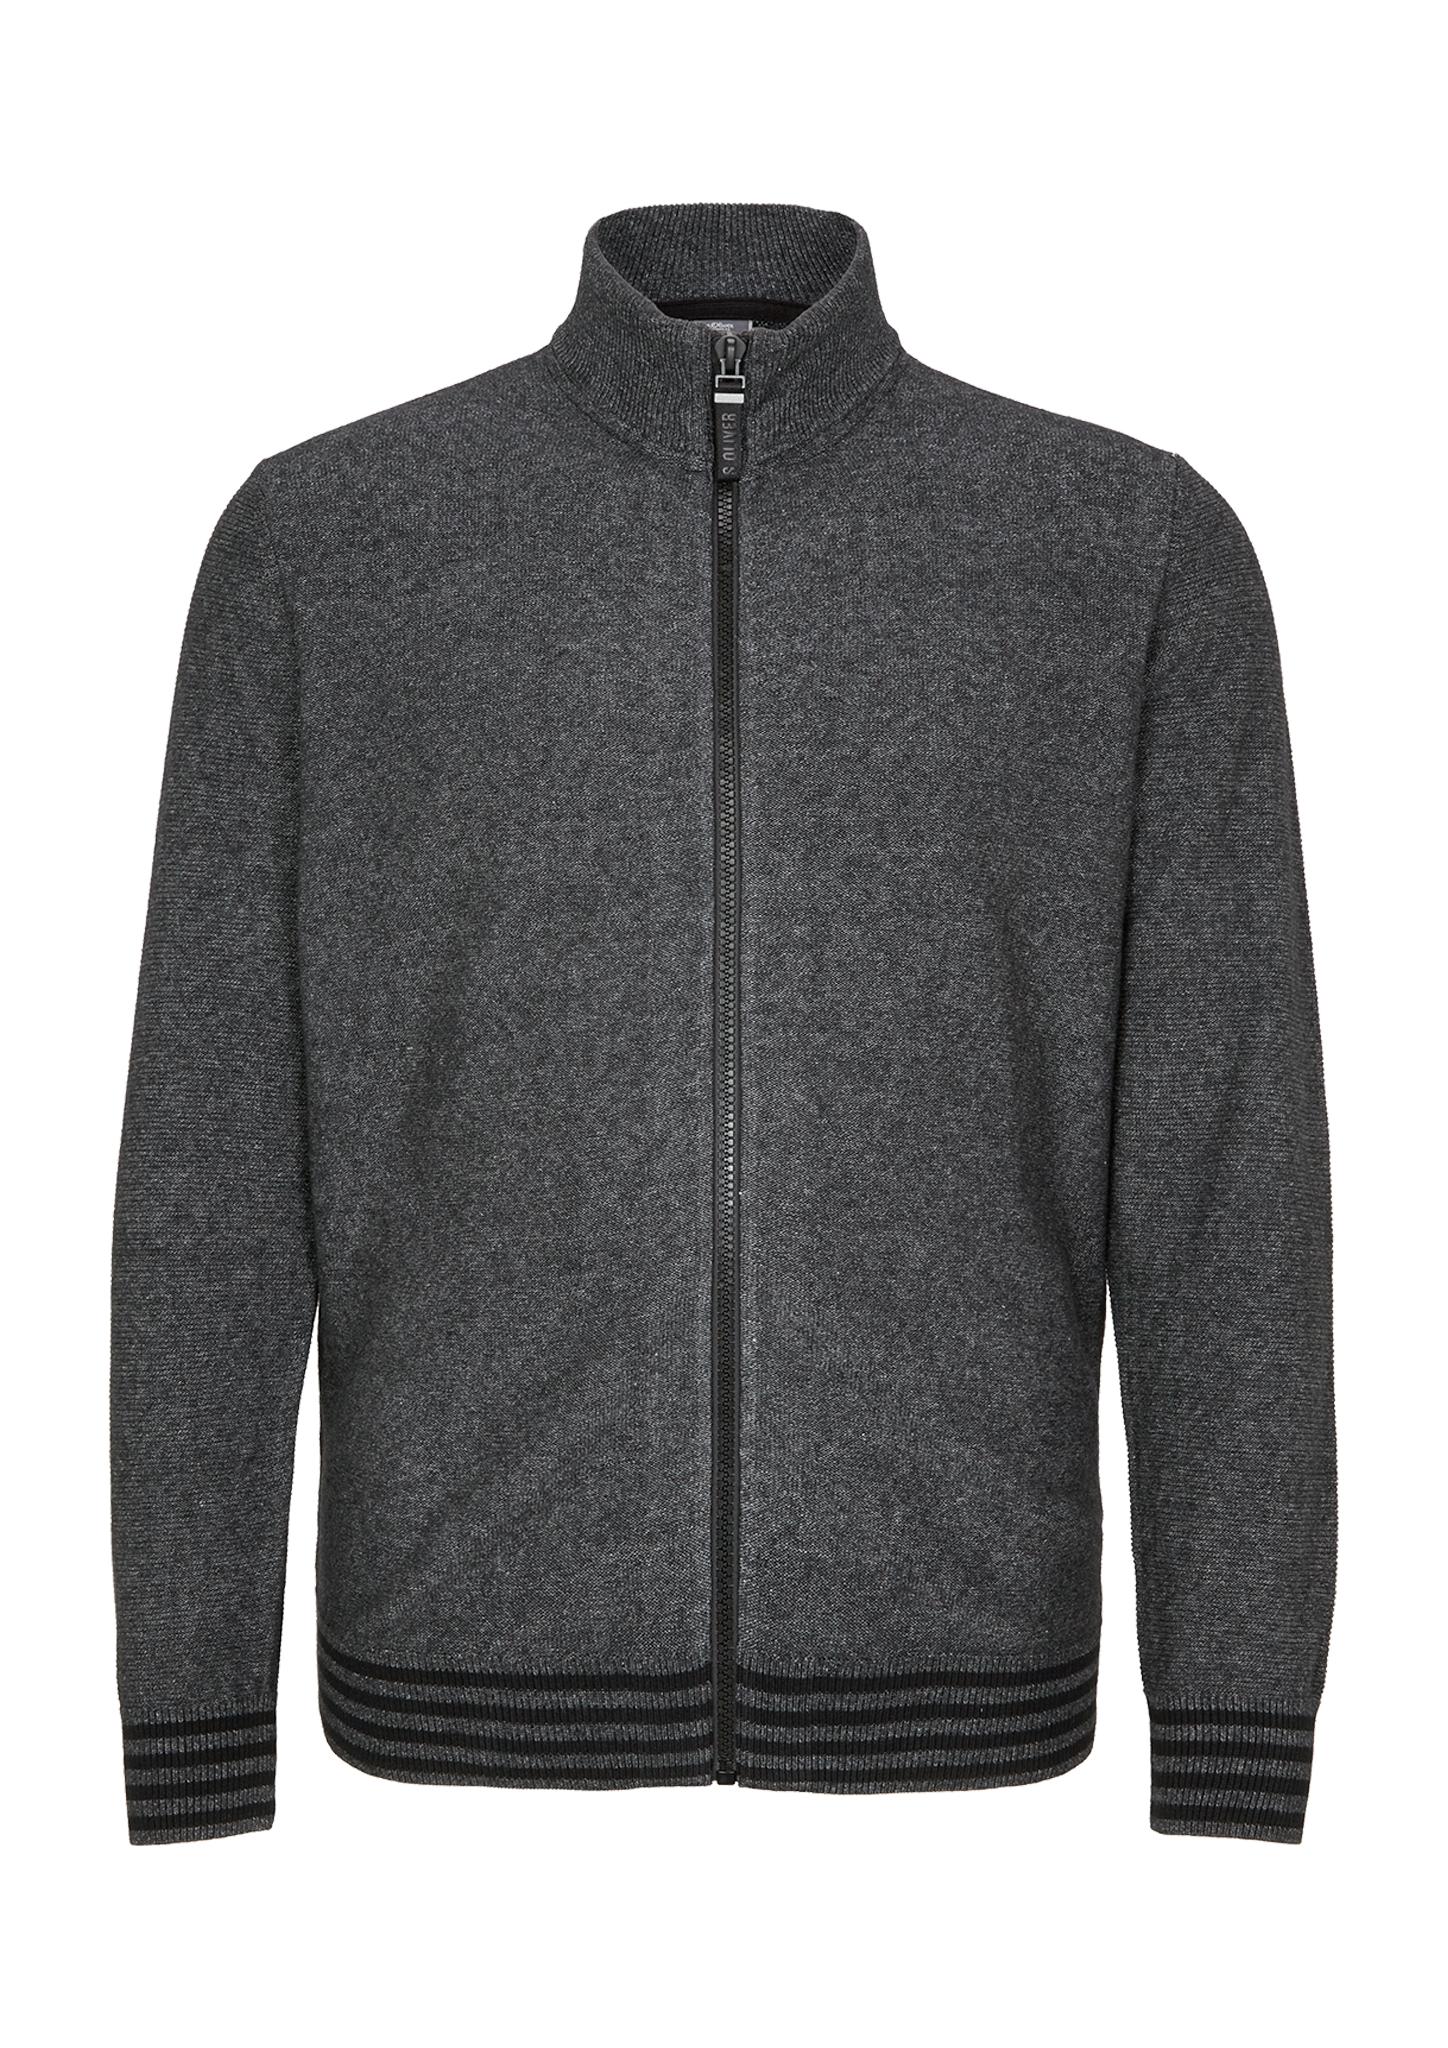 Strickjacke | Bekleidung > Strickjacken & Cardigans > Strickjacken | Grau/schwarz | 100% baumwolle | s.Oliver Men Big Sizes